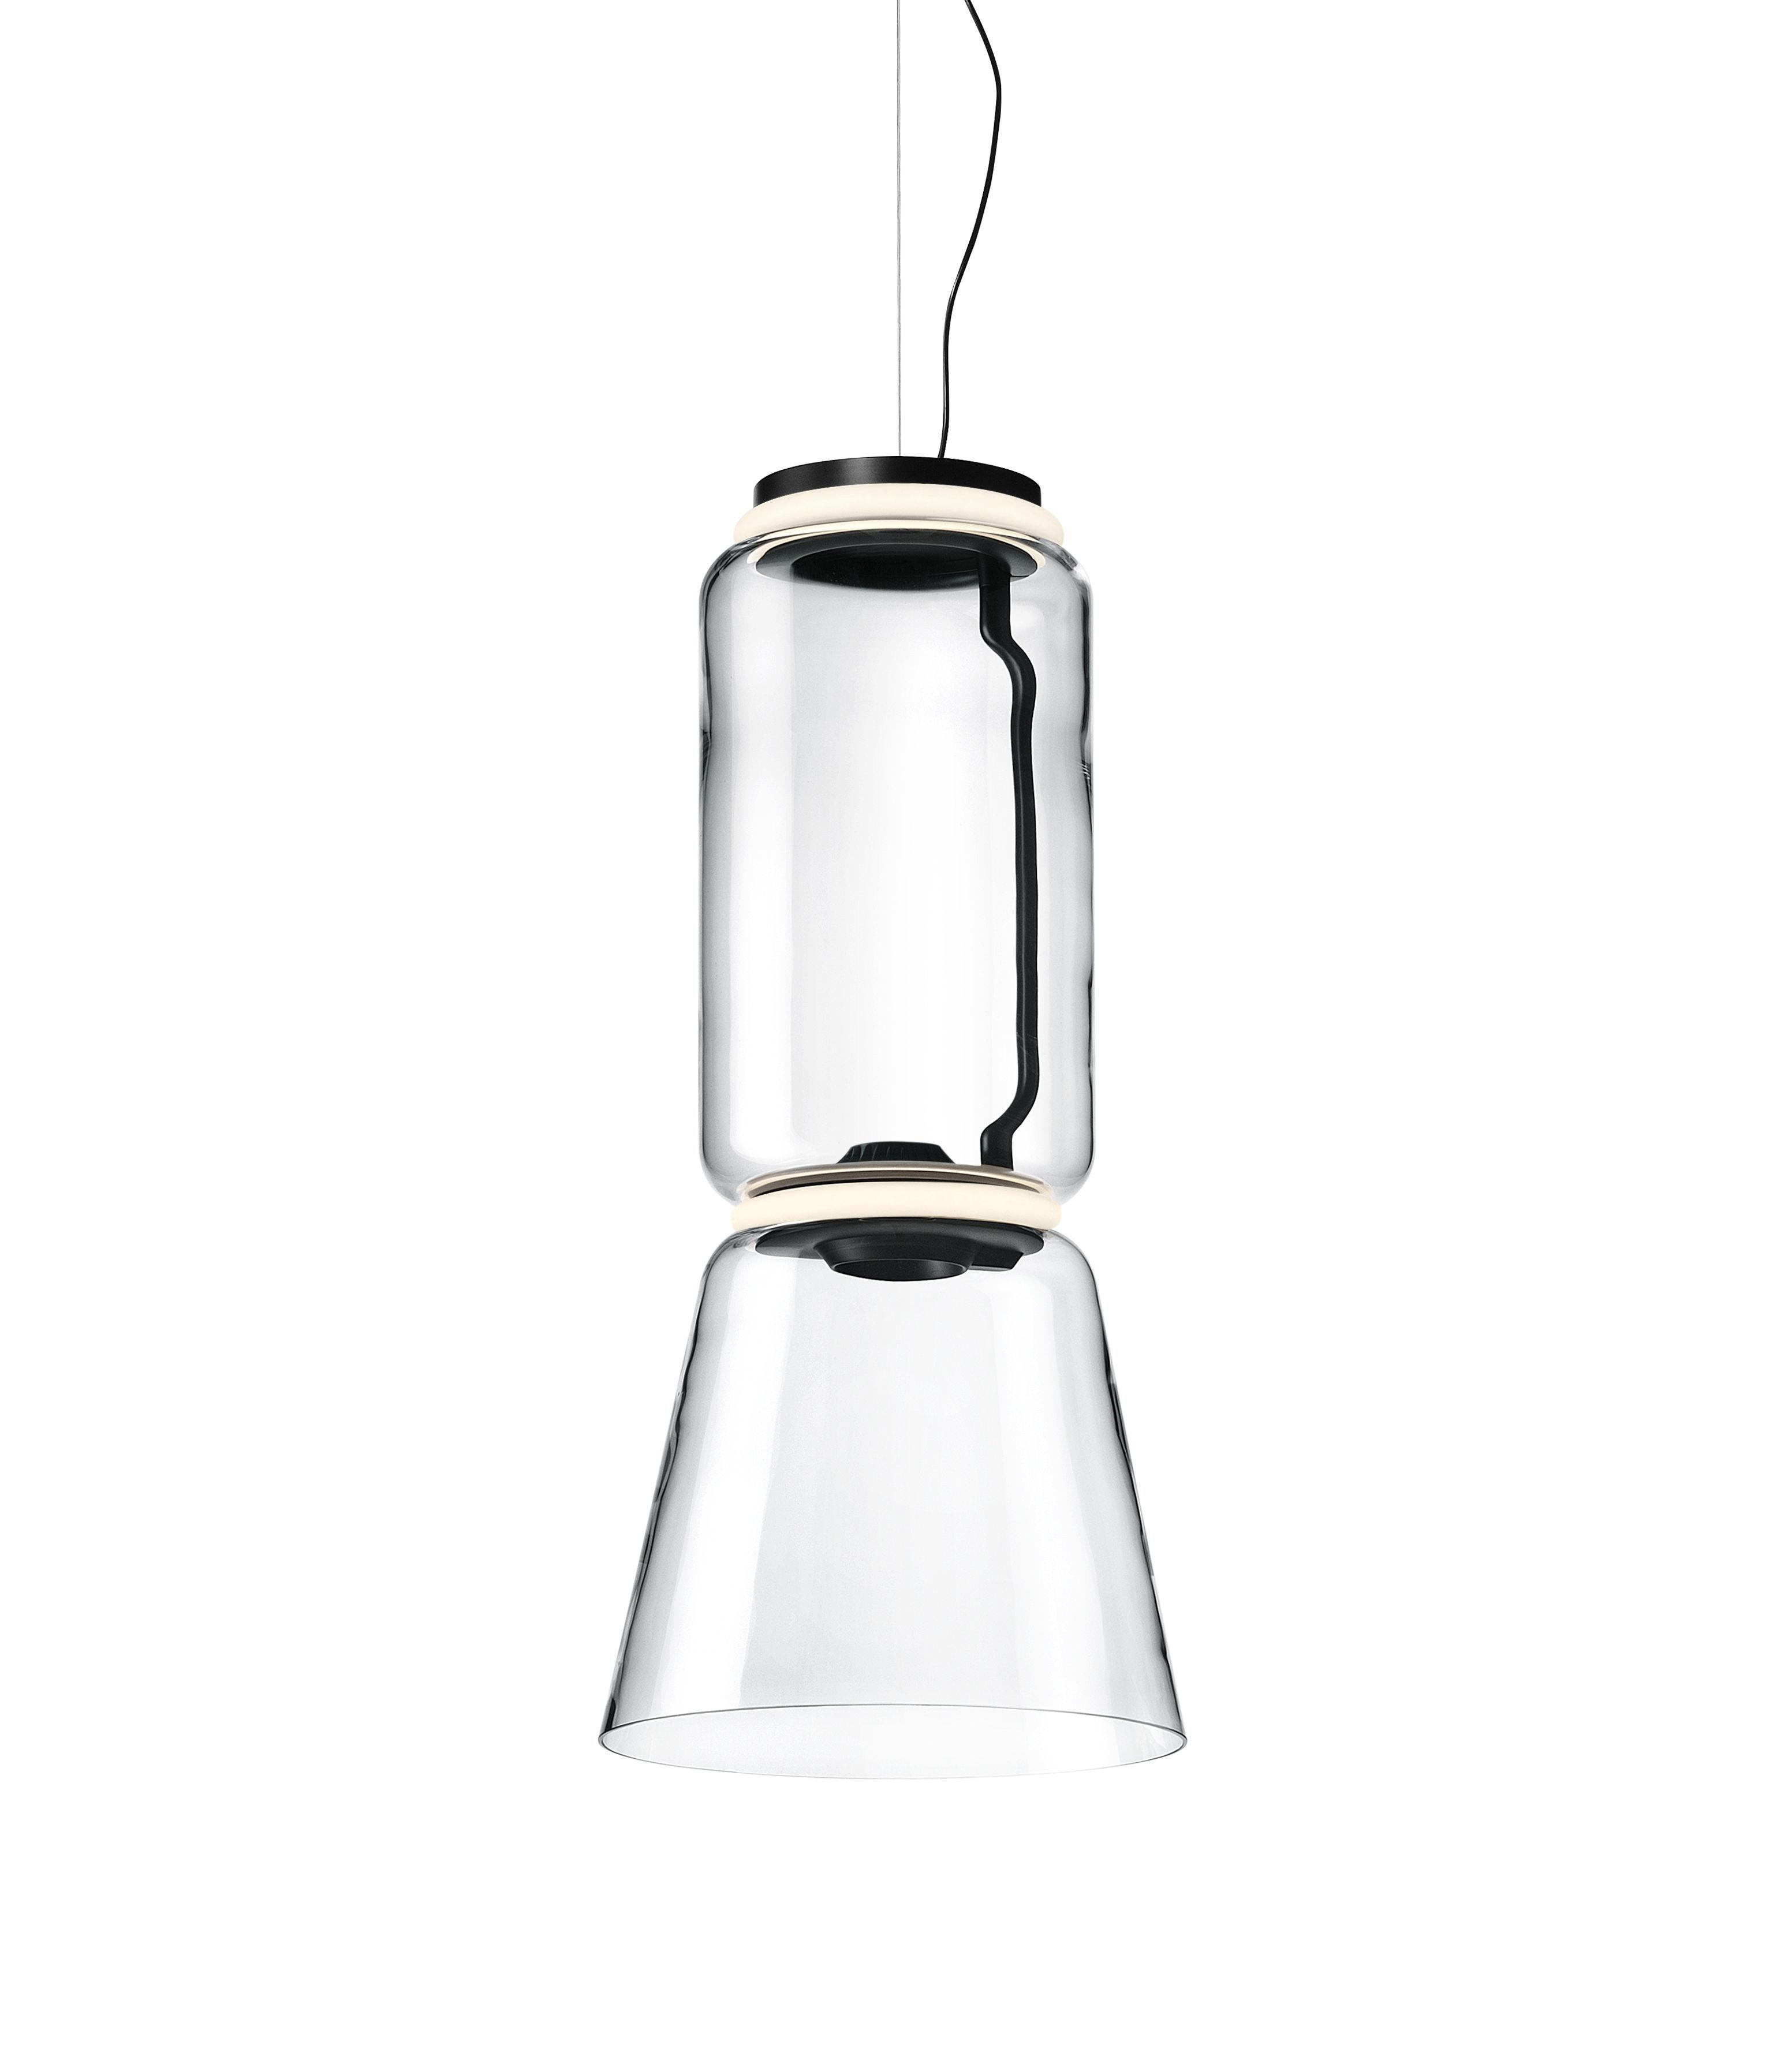 Leuchten - Pendelleuchten - Noctambule Cône n°1 Pendelleuchte / LED - Ø 36 x H 82 cm - Flos - H 82 cm / Transparent - geblasenes Glas, Gussaluminium, Stahl